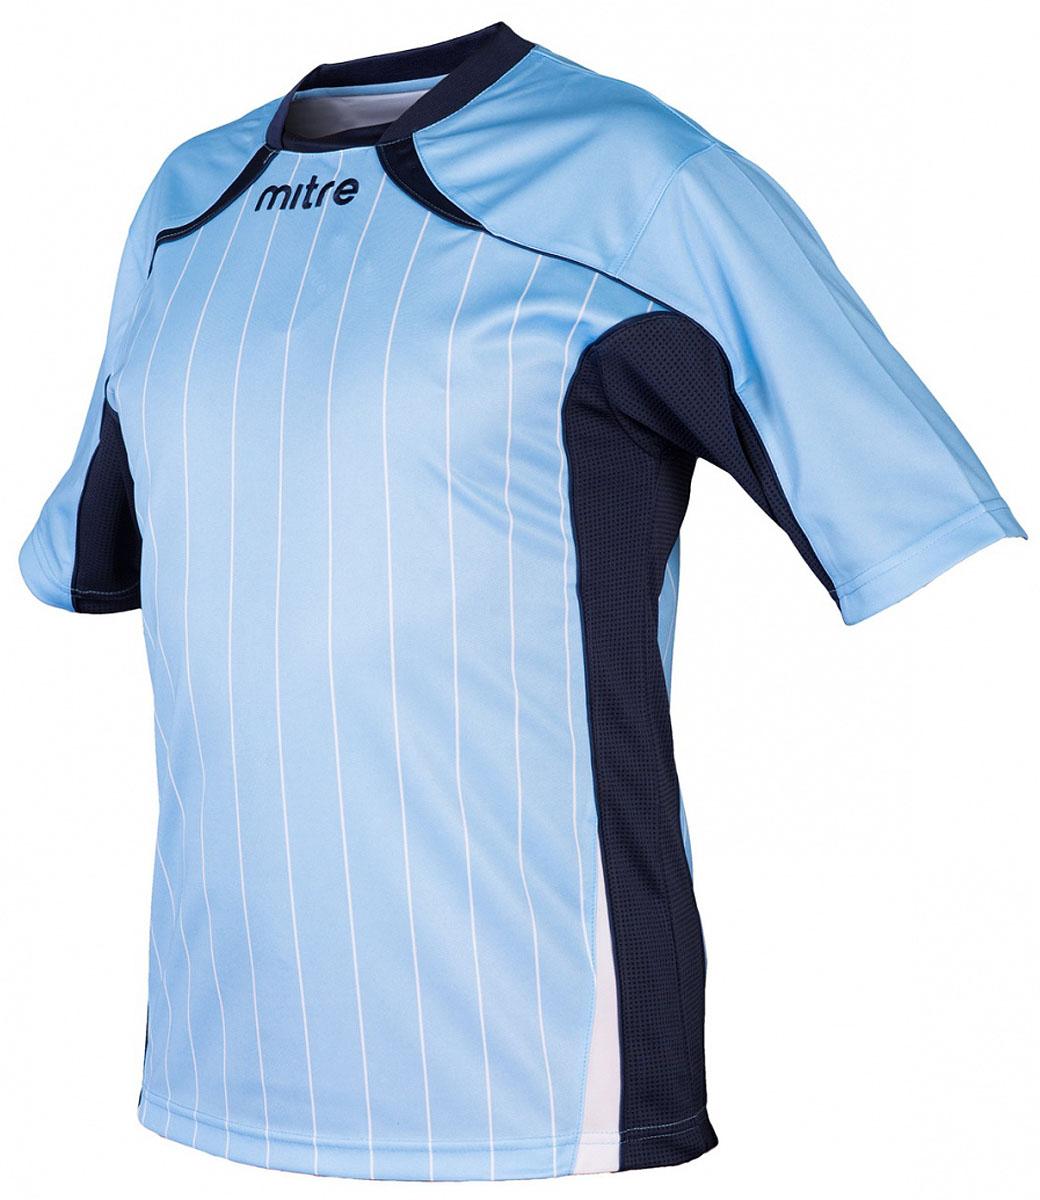 Футболка для мальчика Mitre, цвет: голубой. 5T40051BSKN. Размер 1585T40051BSKNФутболка для мальчика Mitre выполнена из полиэстера. Модель оснащена удобным эластичным воротом. Сетчатые полосы ткани по бокам футболки улучшают вентиляцию тела.